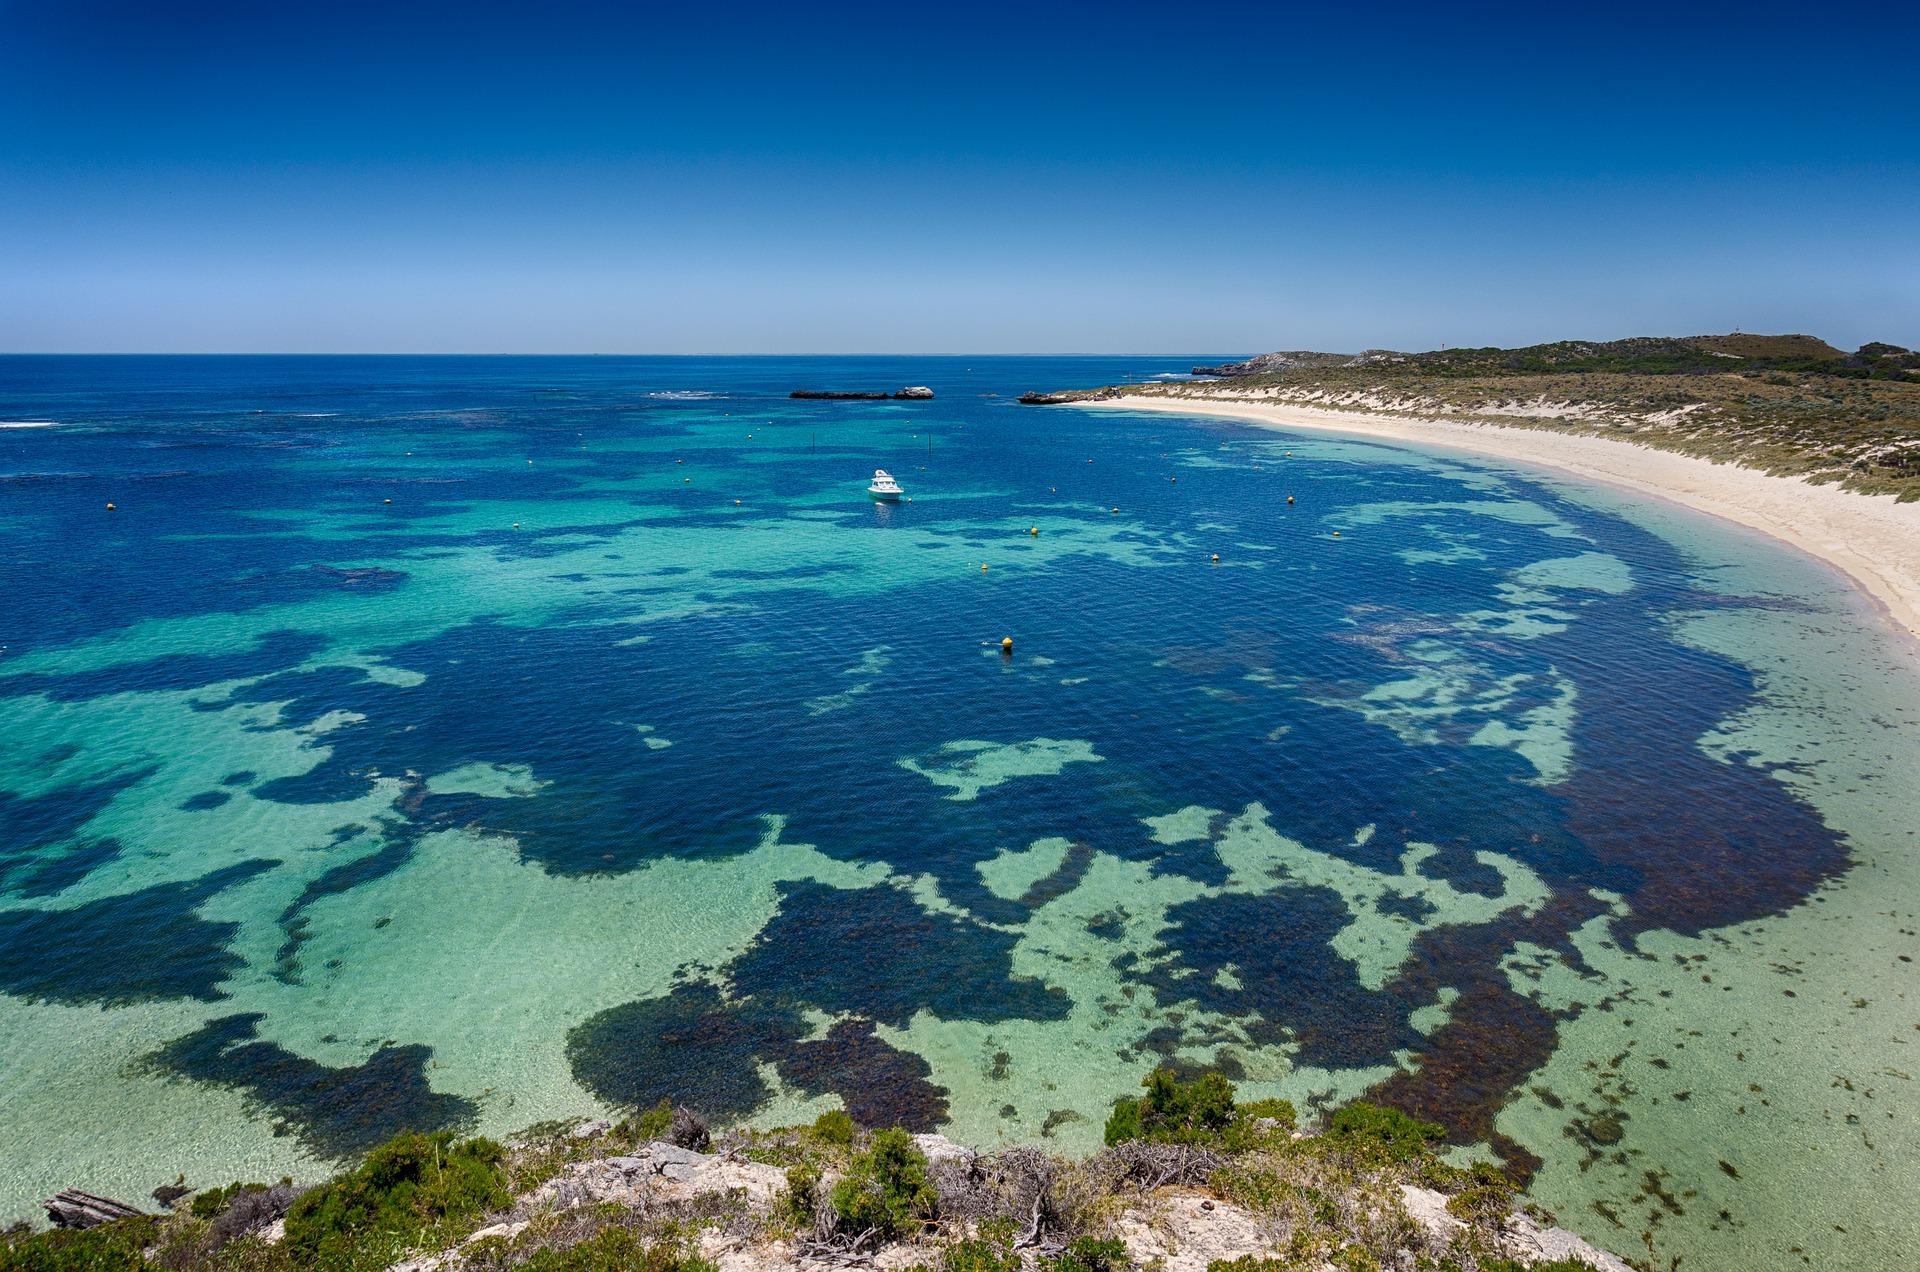 Zachodnie Wybrzeże Australii – z Perth do Exmouth